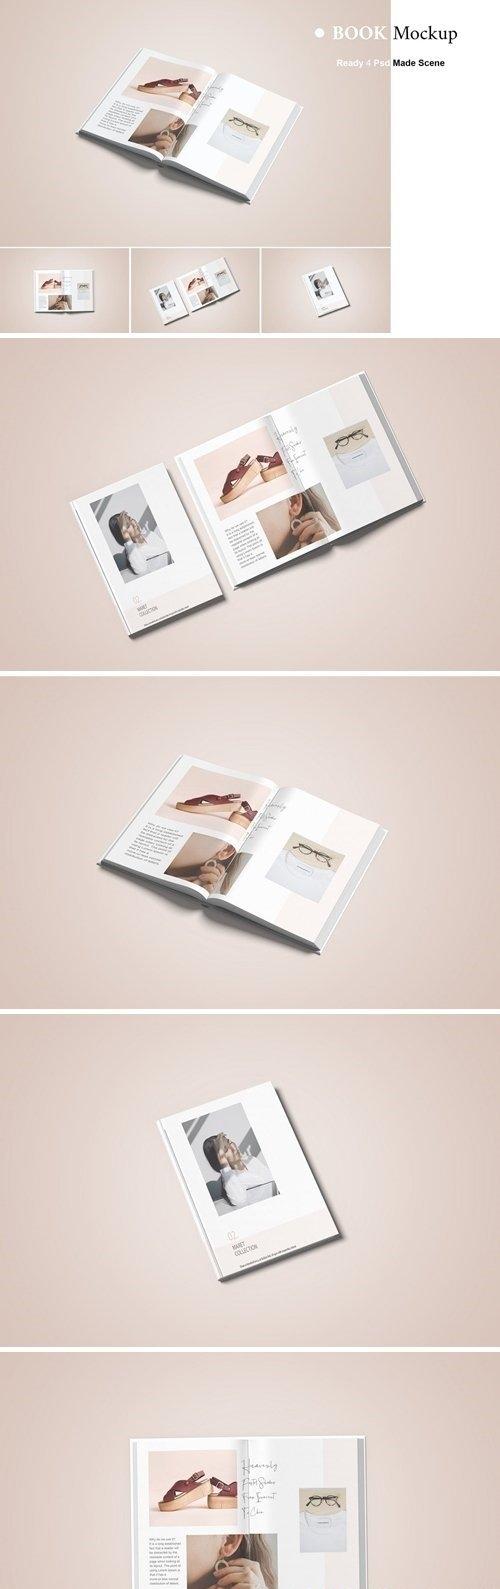 Book Mockup V.3